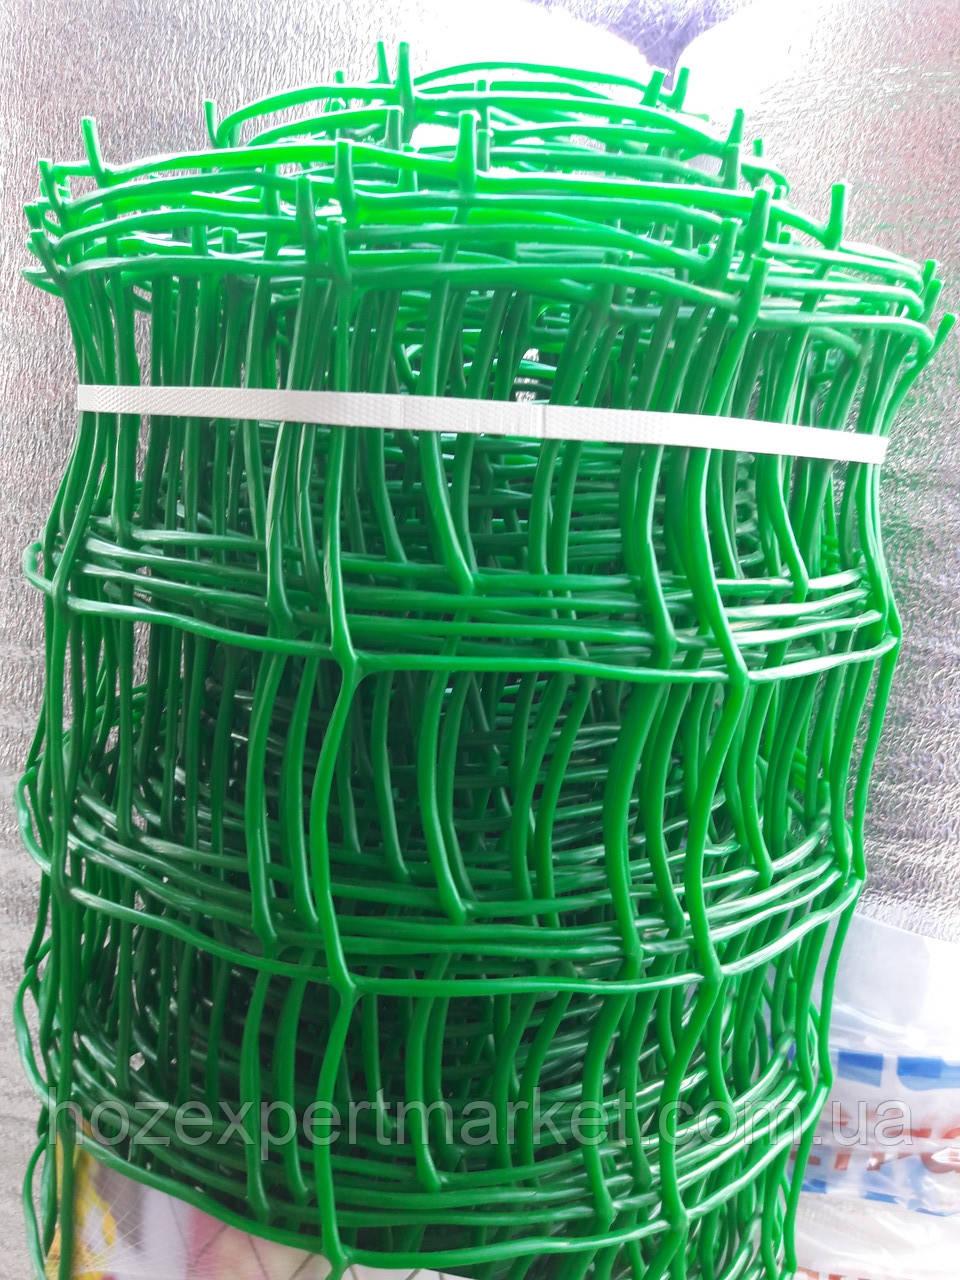 Сітка садові 1 МЕТР ВИСОТА, НА МЕТРАЖ, пластикова, забори.Ячейка 90х90 мм